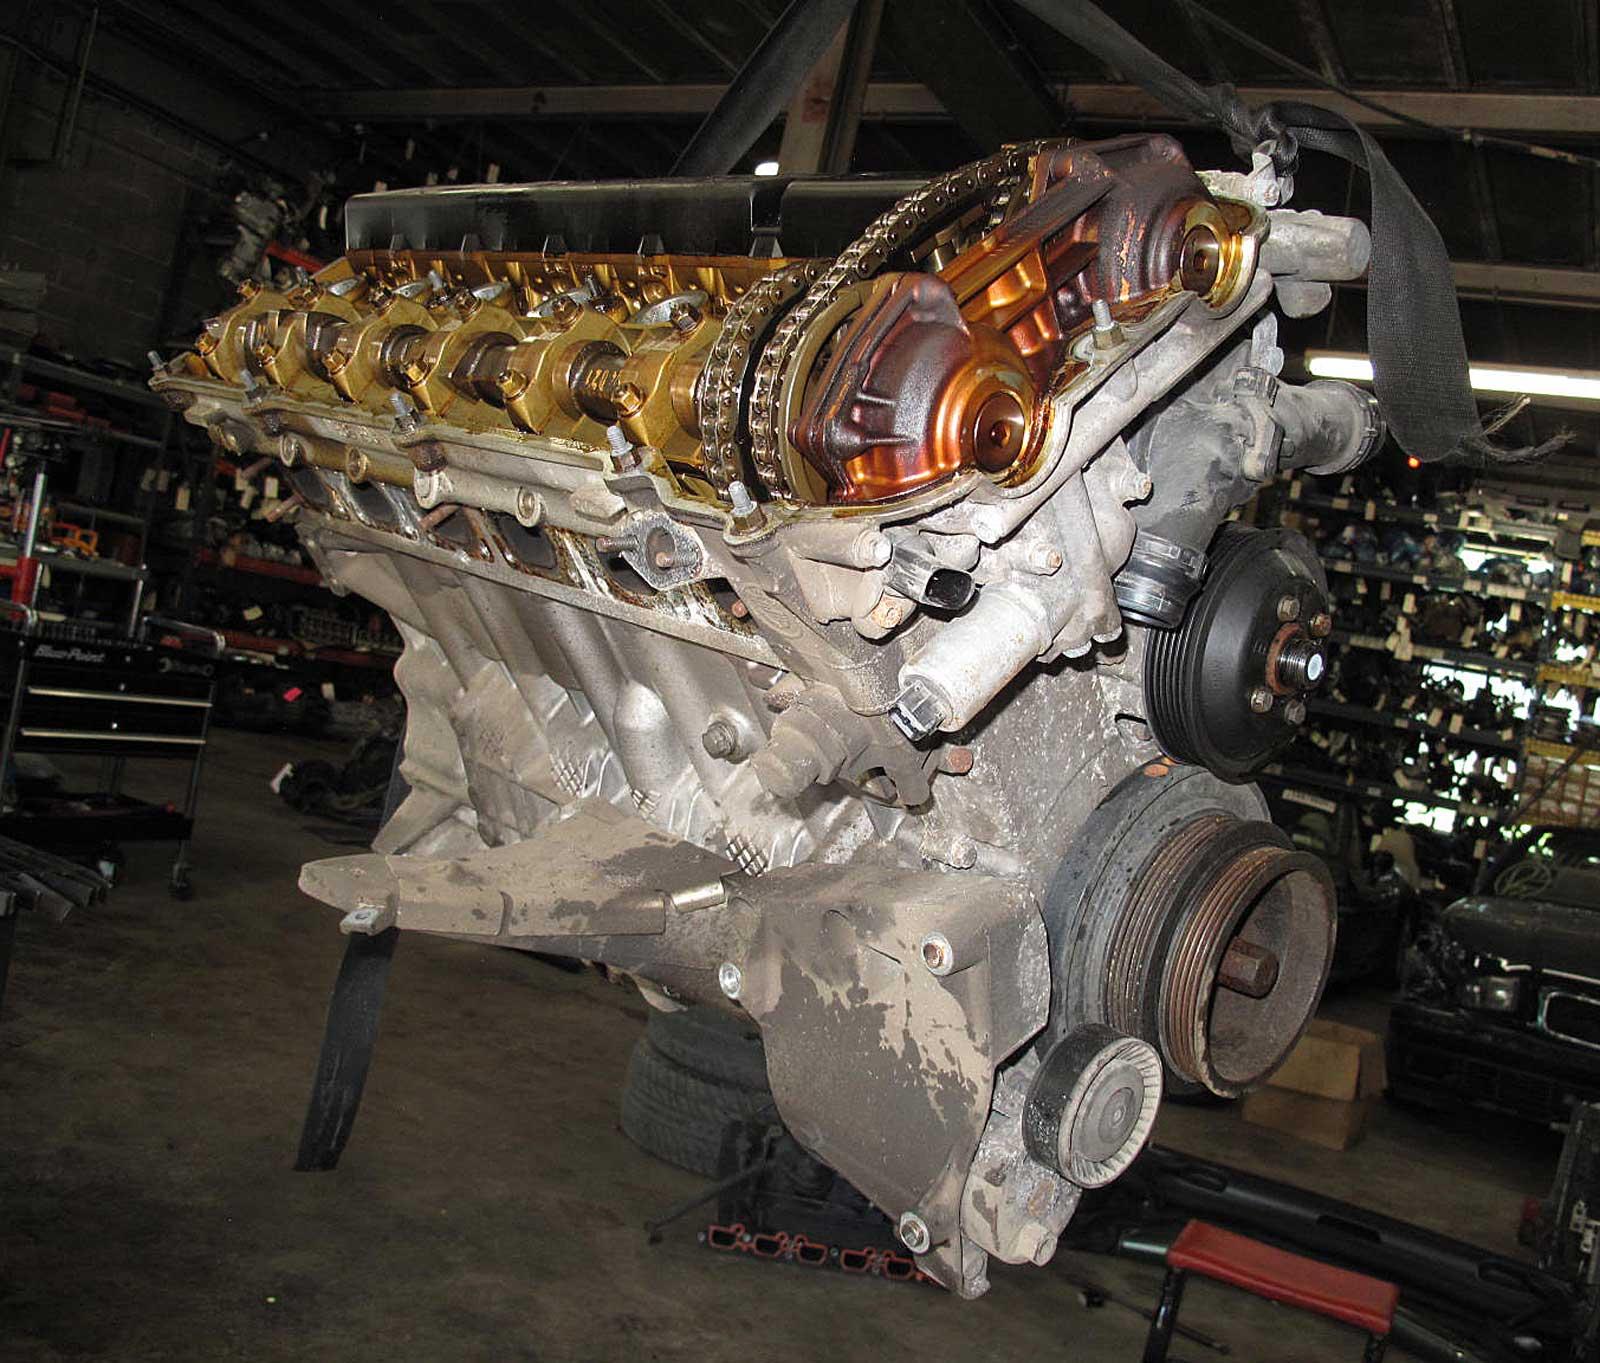 Bmw Z 3: BMW Z3 2.5i Roadster M54 I6 Engine Longblock Assembly